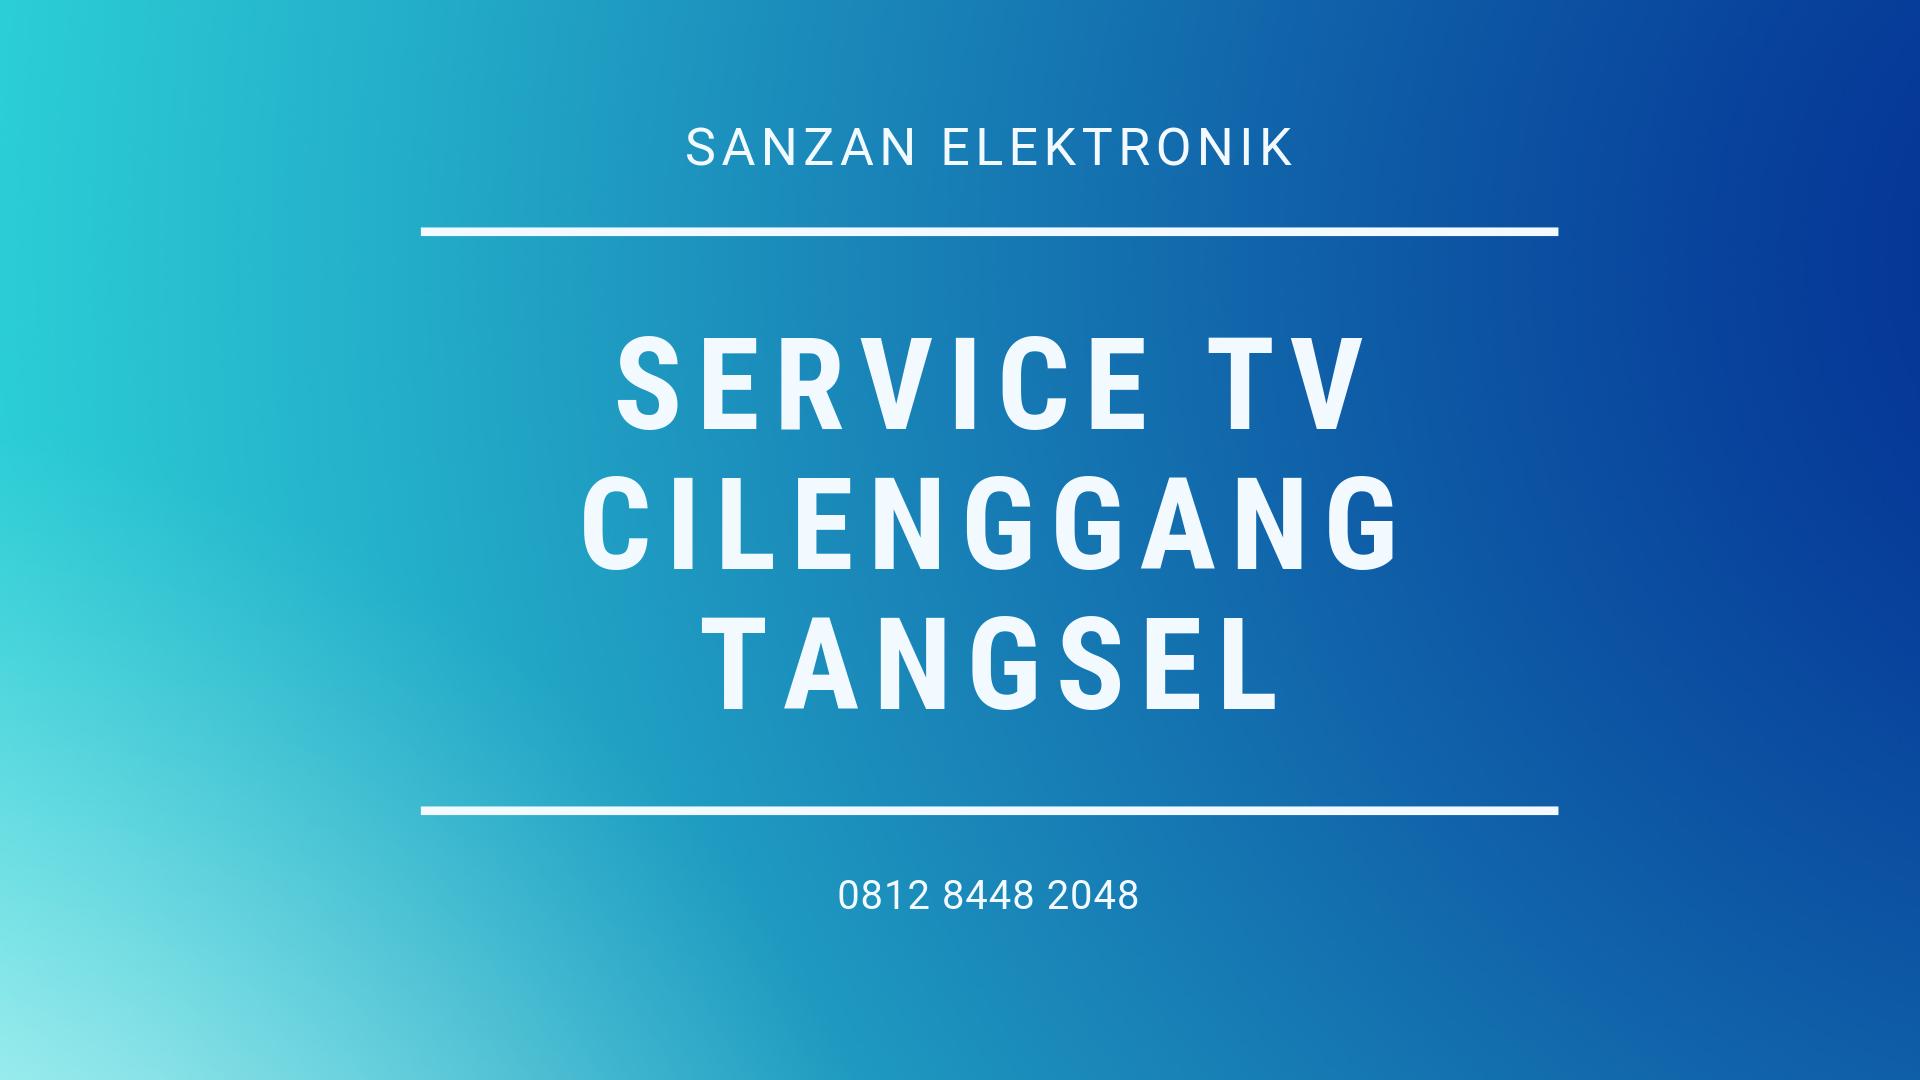 Service TV Cilenggang Tangsel